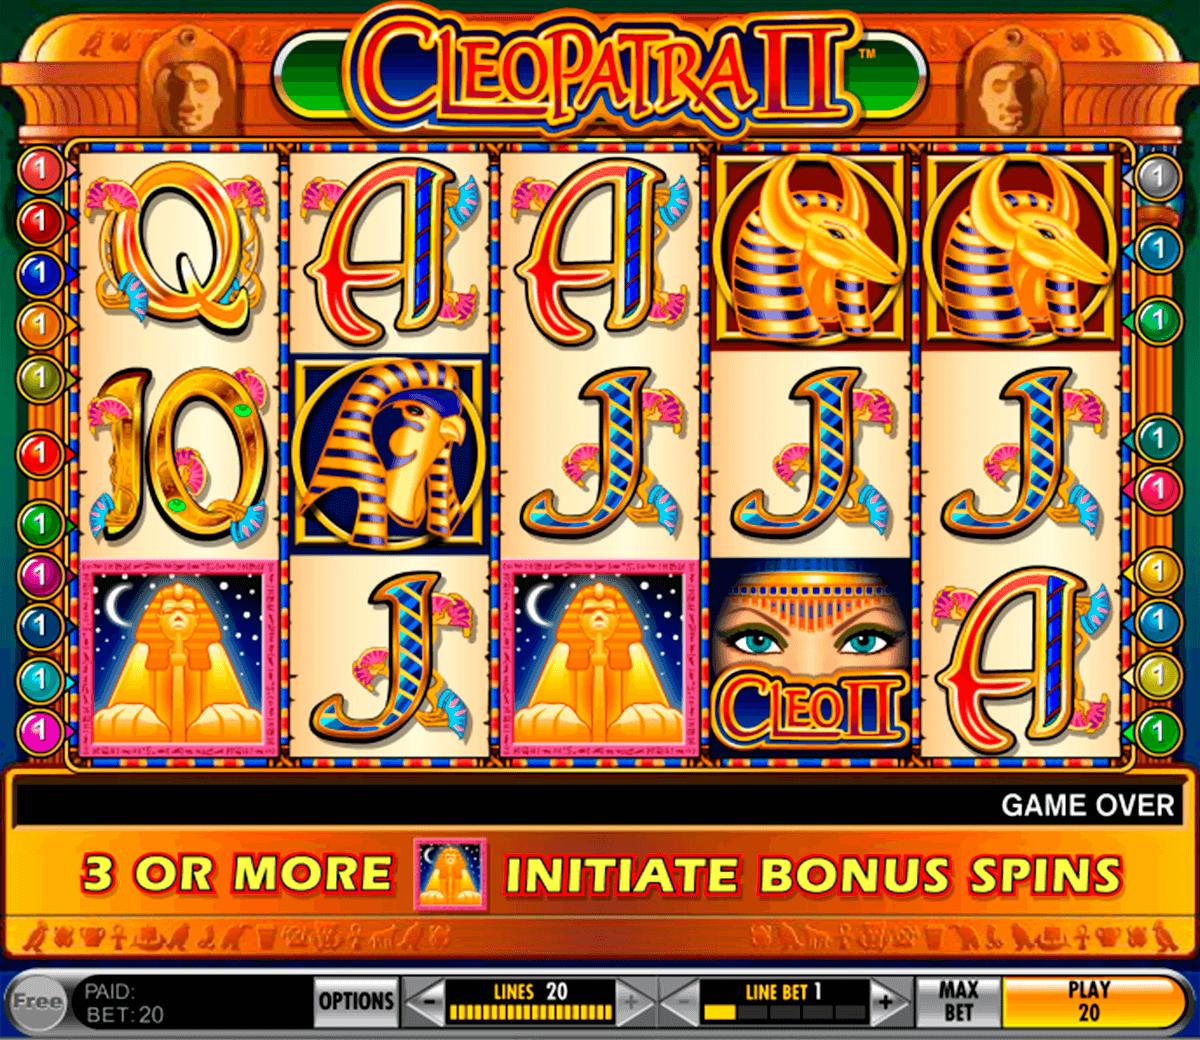 Hocus pocus casino bonos gratis sin deposito Funchal - 25044